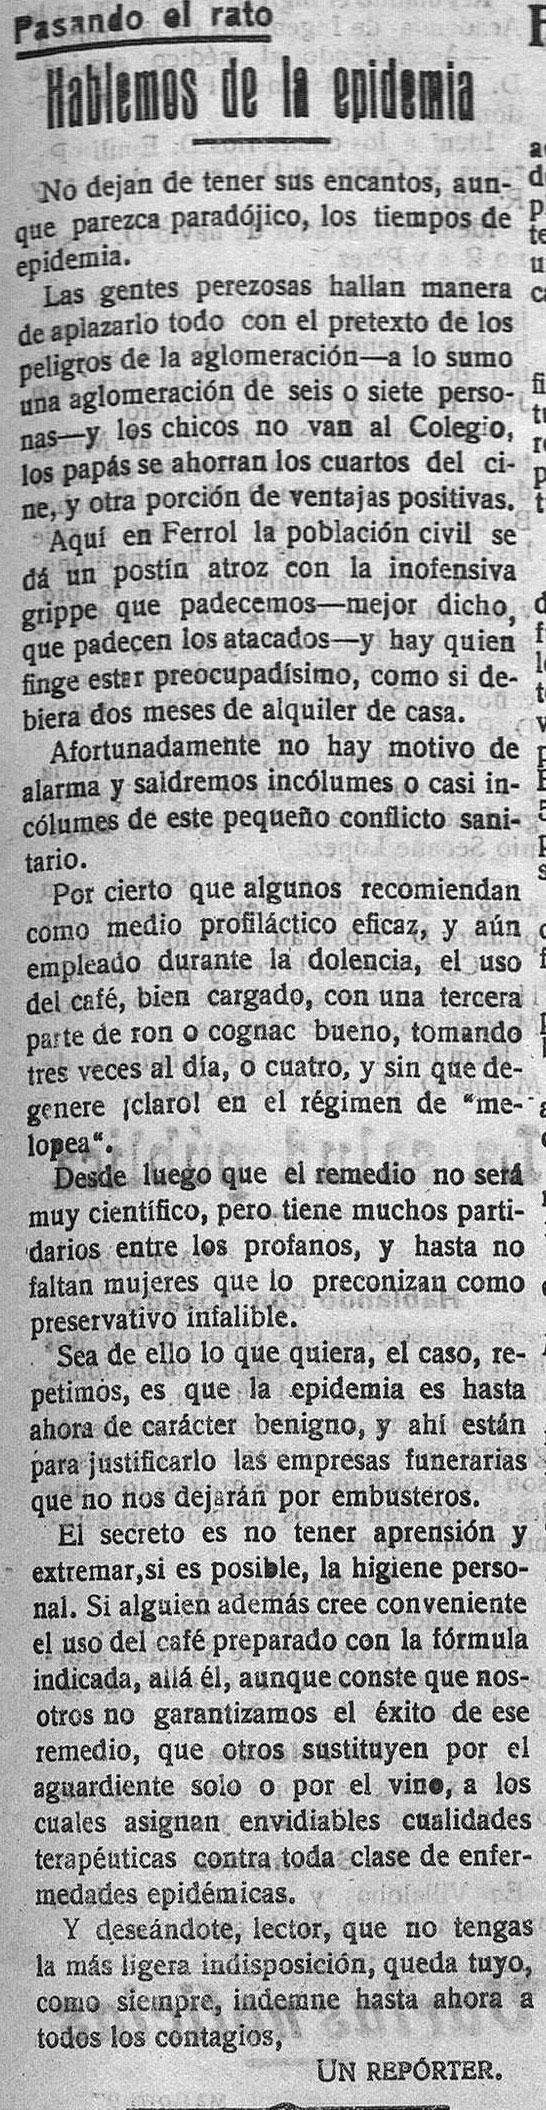 """Recorte de """"El Correo Gallego"""" do sábado, 28 de setembro de 1918."""